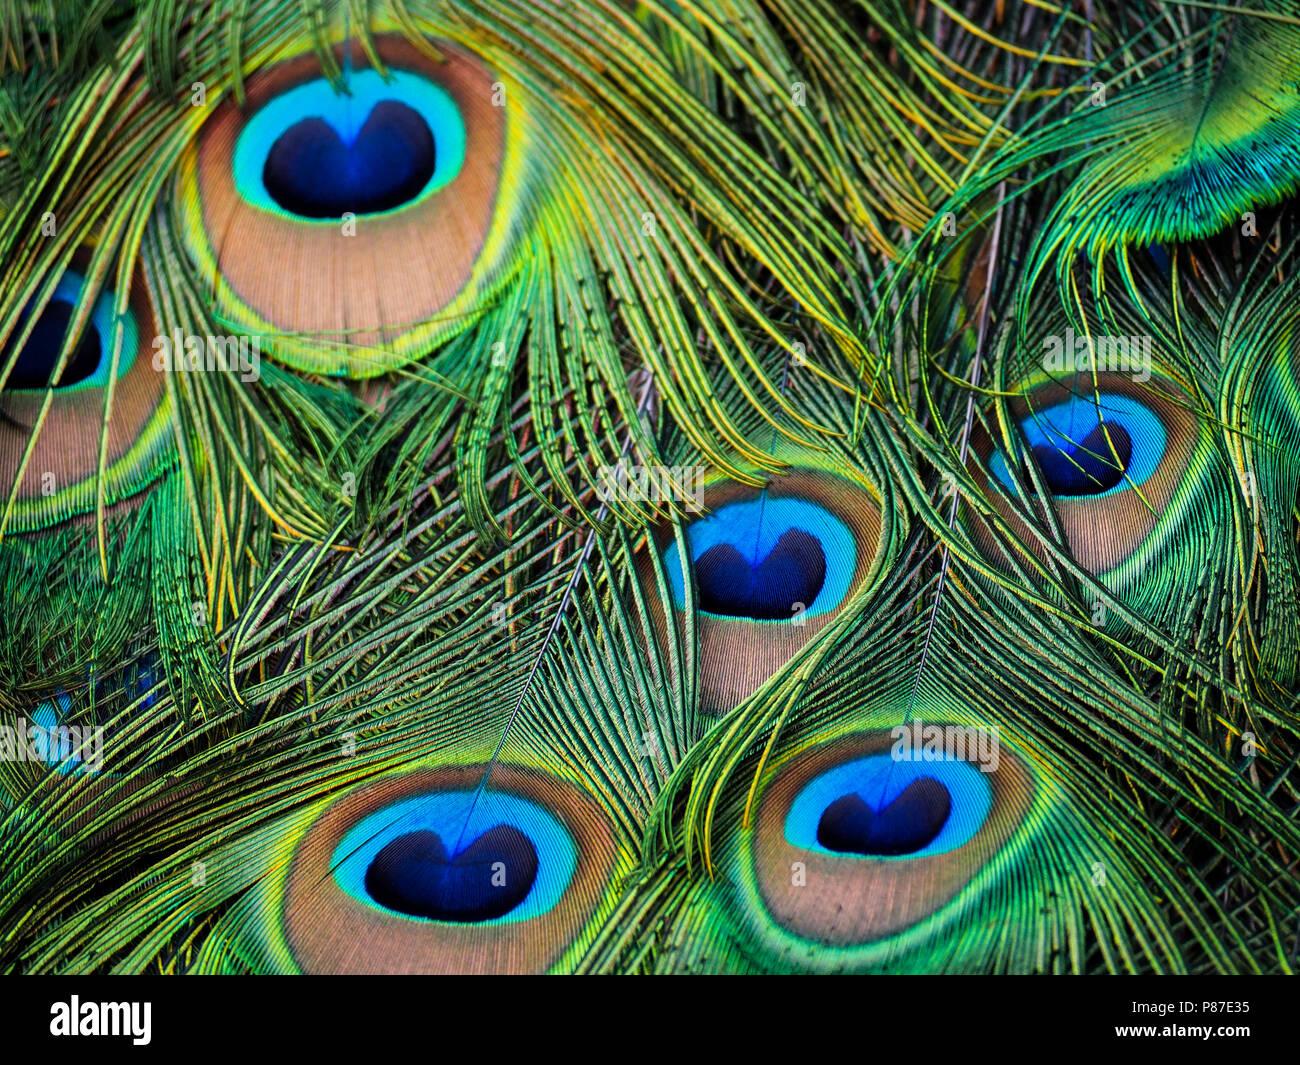 Peacock piuma. Fotografia scattata a Londra (Holland Park) Immagini Stock